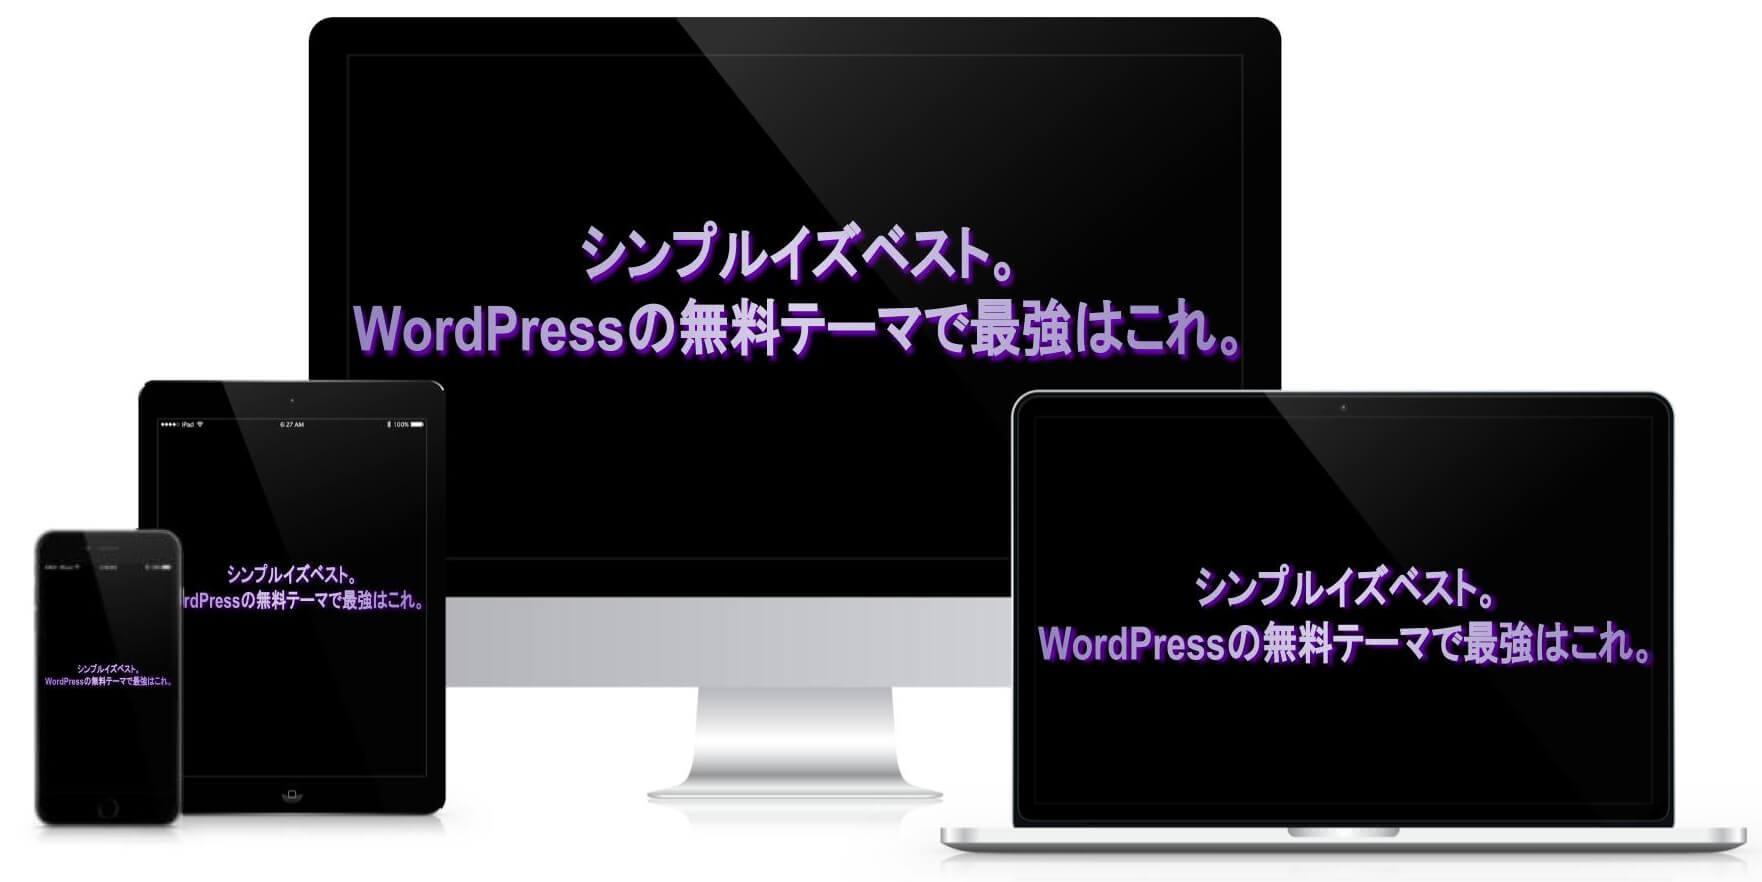 テーブルにノートPC・テキスト「シンプルイズベスト。 WordPressの無料テーマで最強はこれ。」